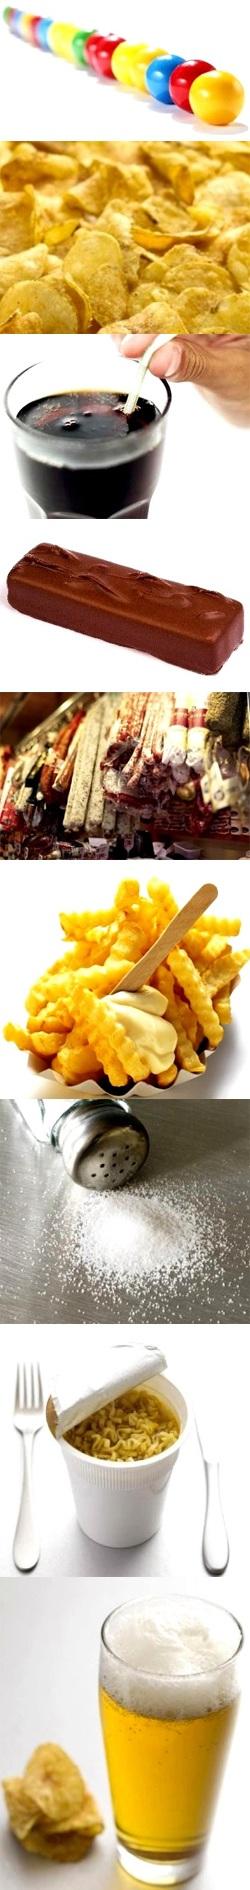 Najbardziej szkodliwe produkty: cukierek do żucia, chipsy, napoje gazowane, batony, wędliny i mięso, majonez, sól, makaron, alkohol